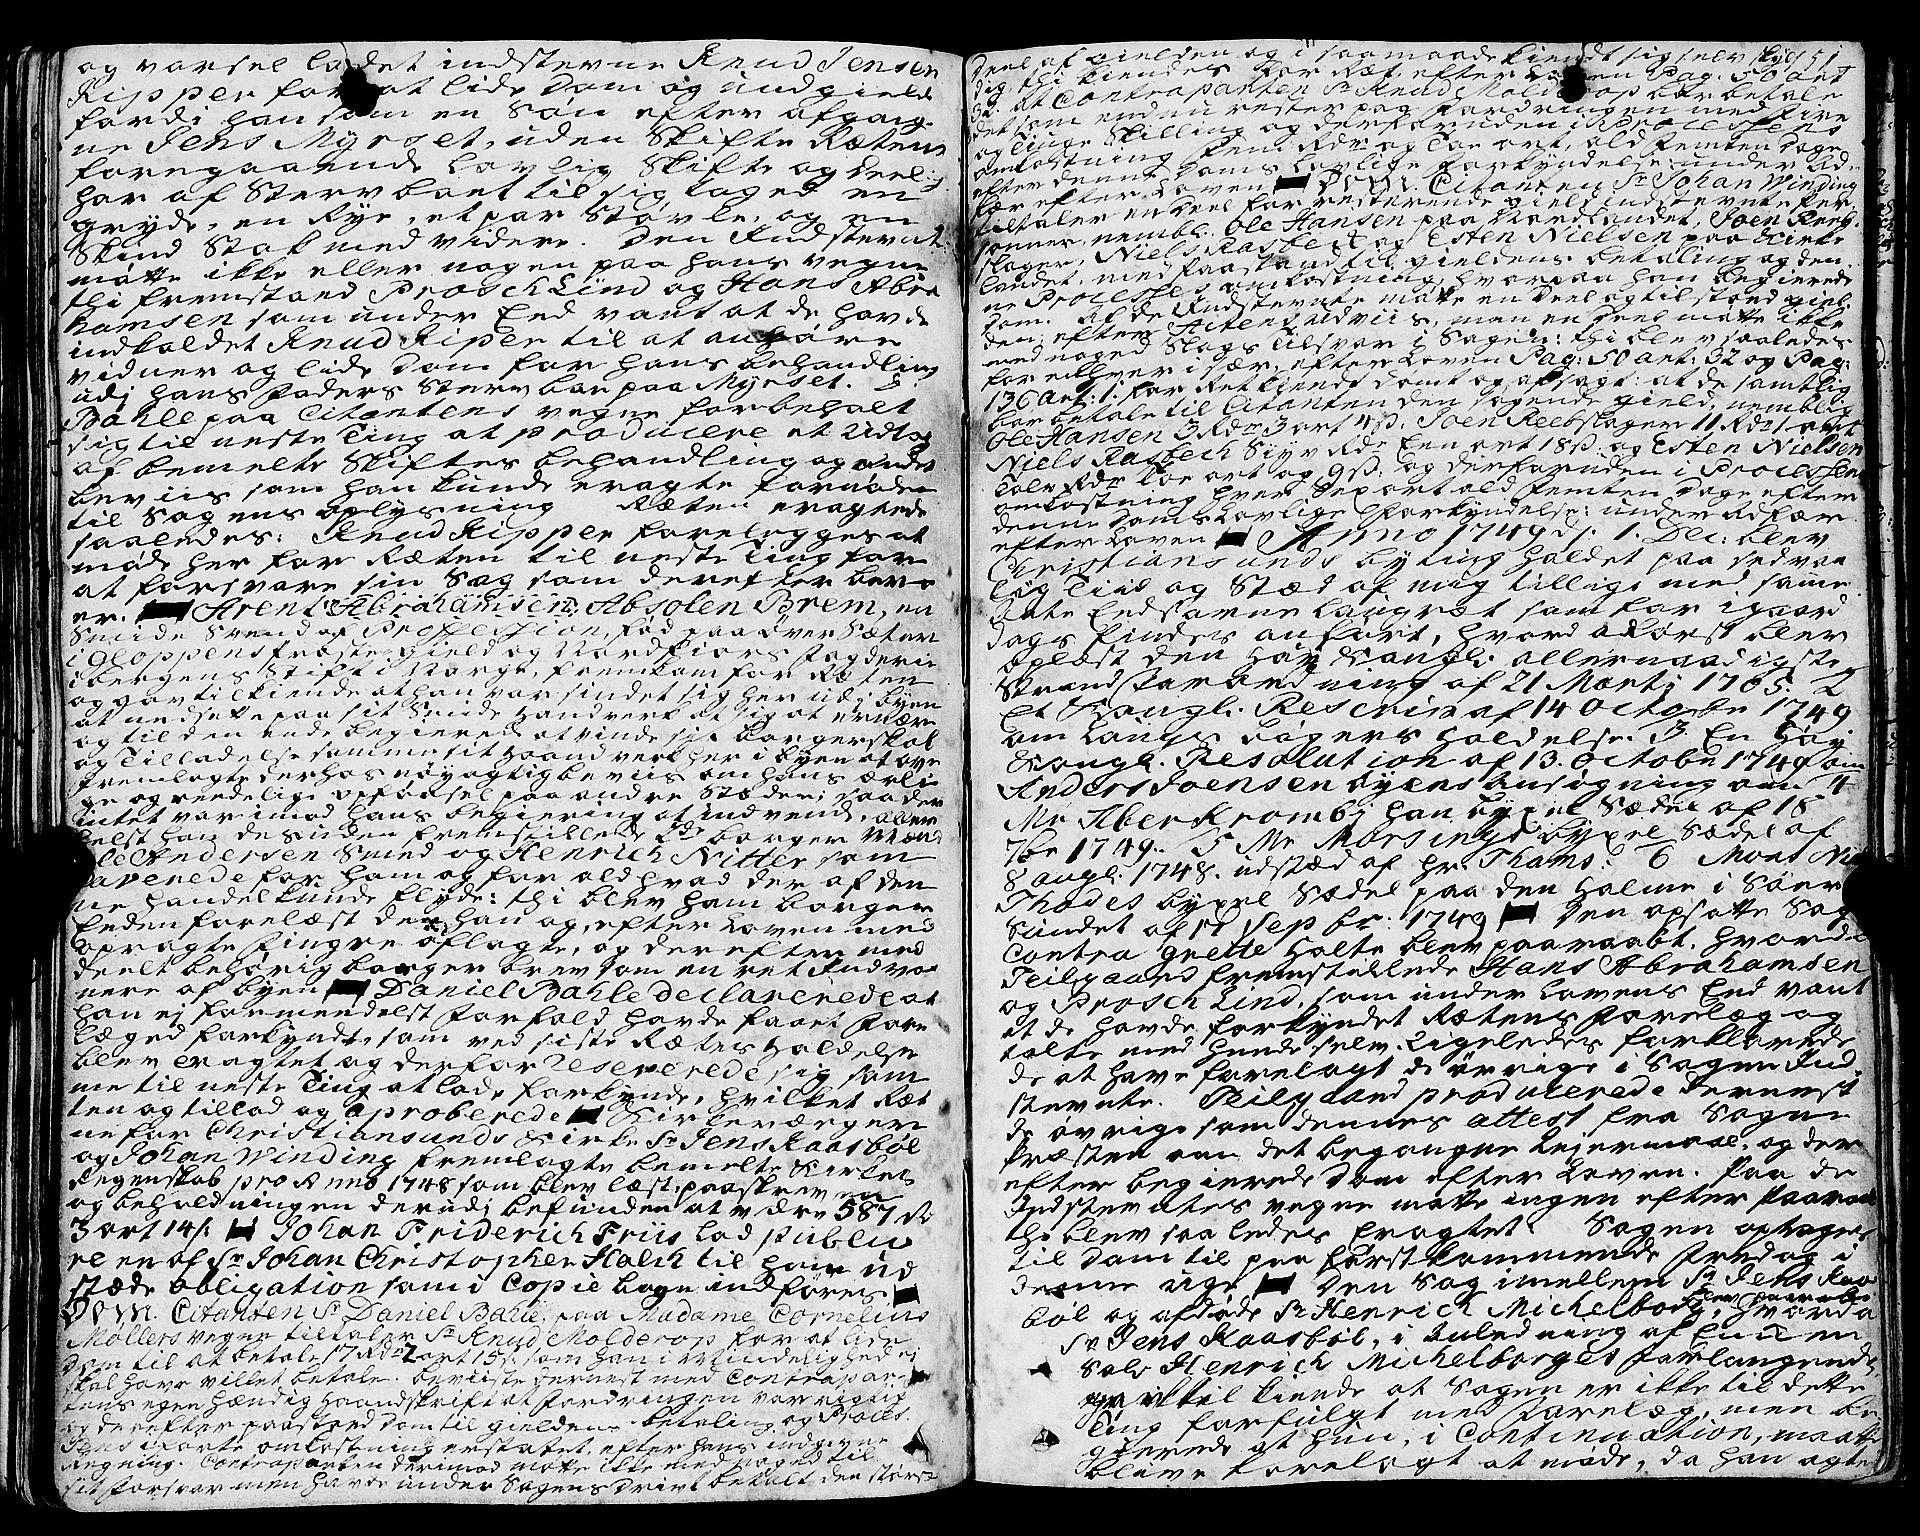 SAT, Kristiansund byfogd*, 1742-1751, s. 151